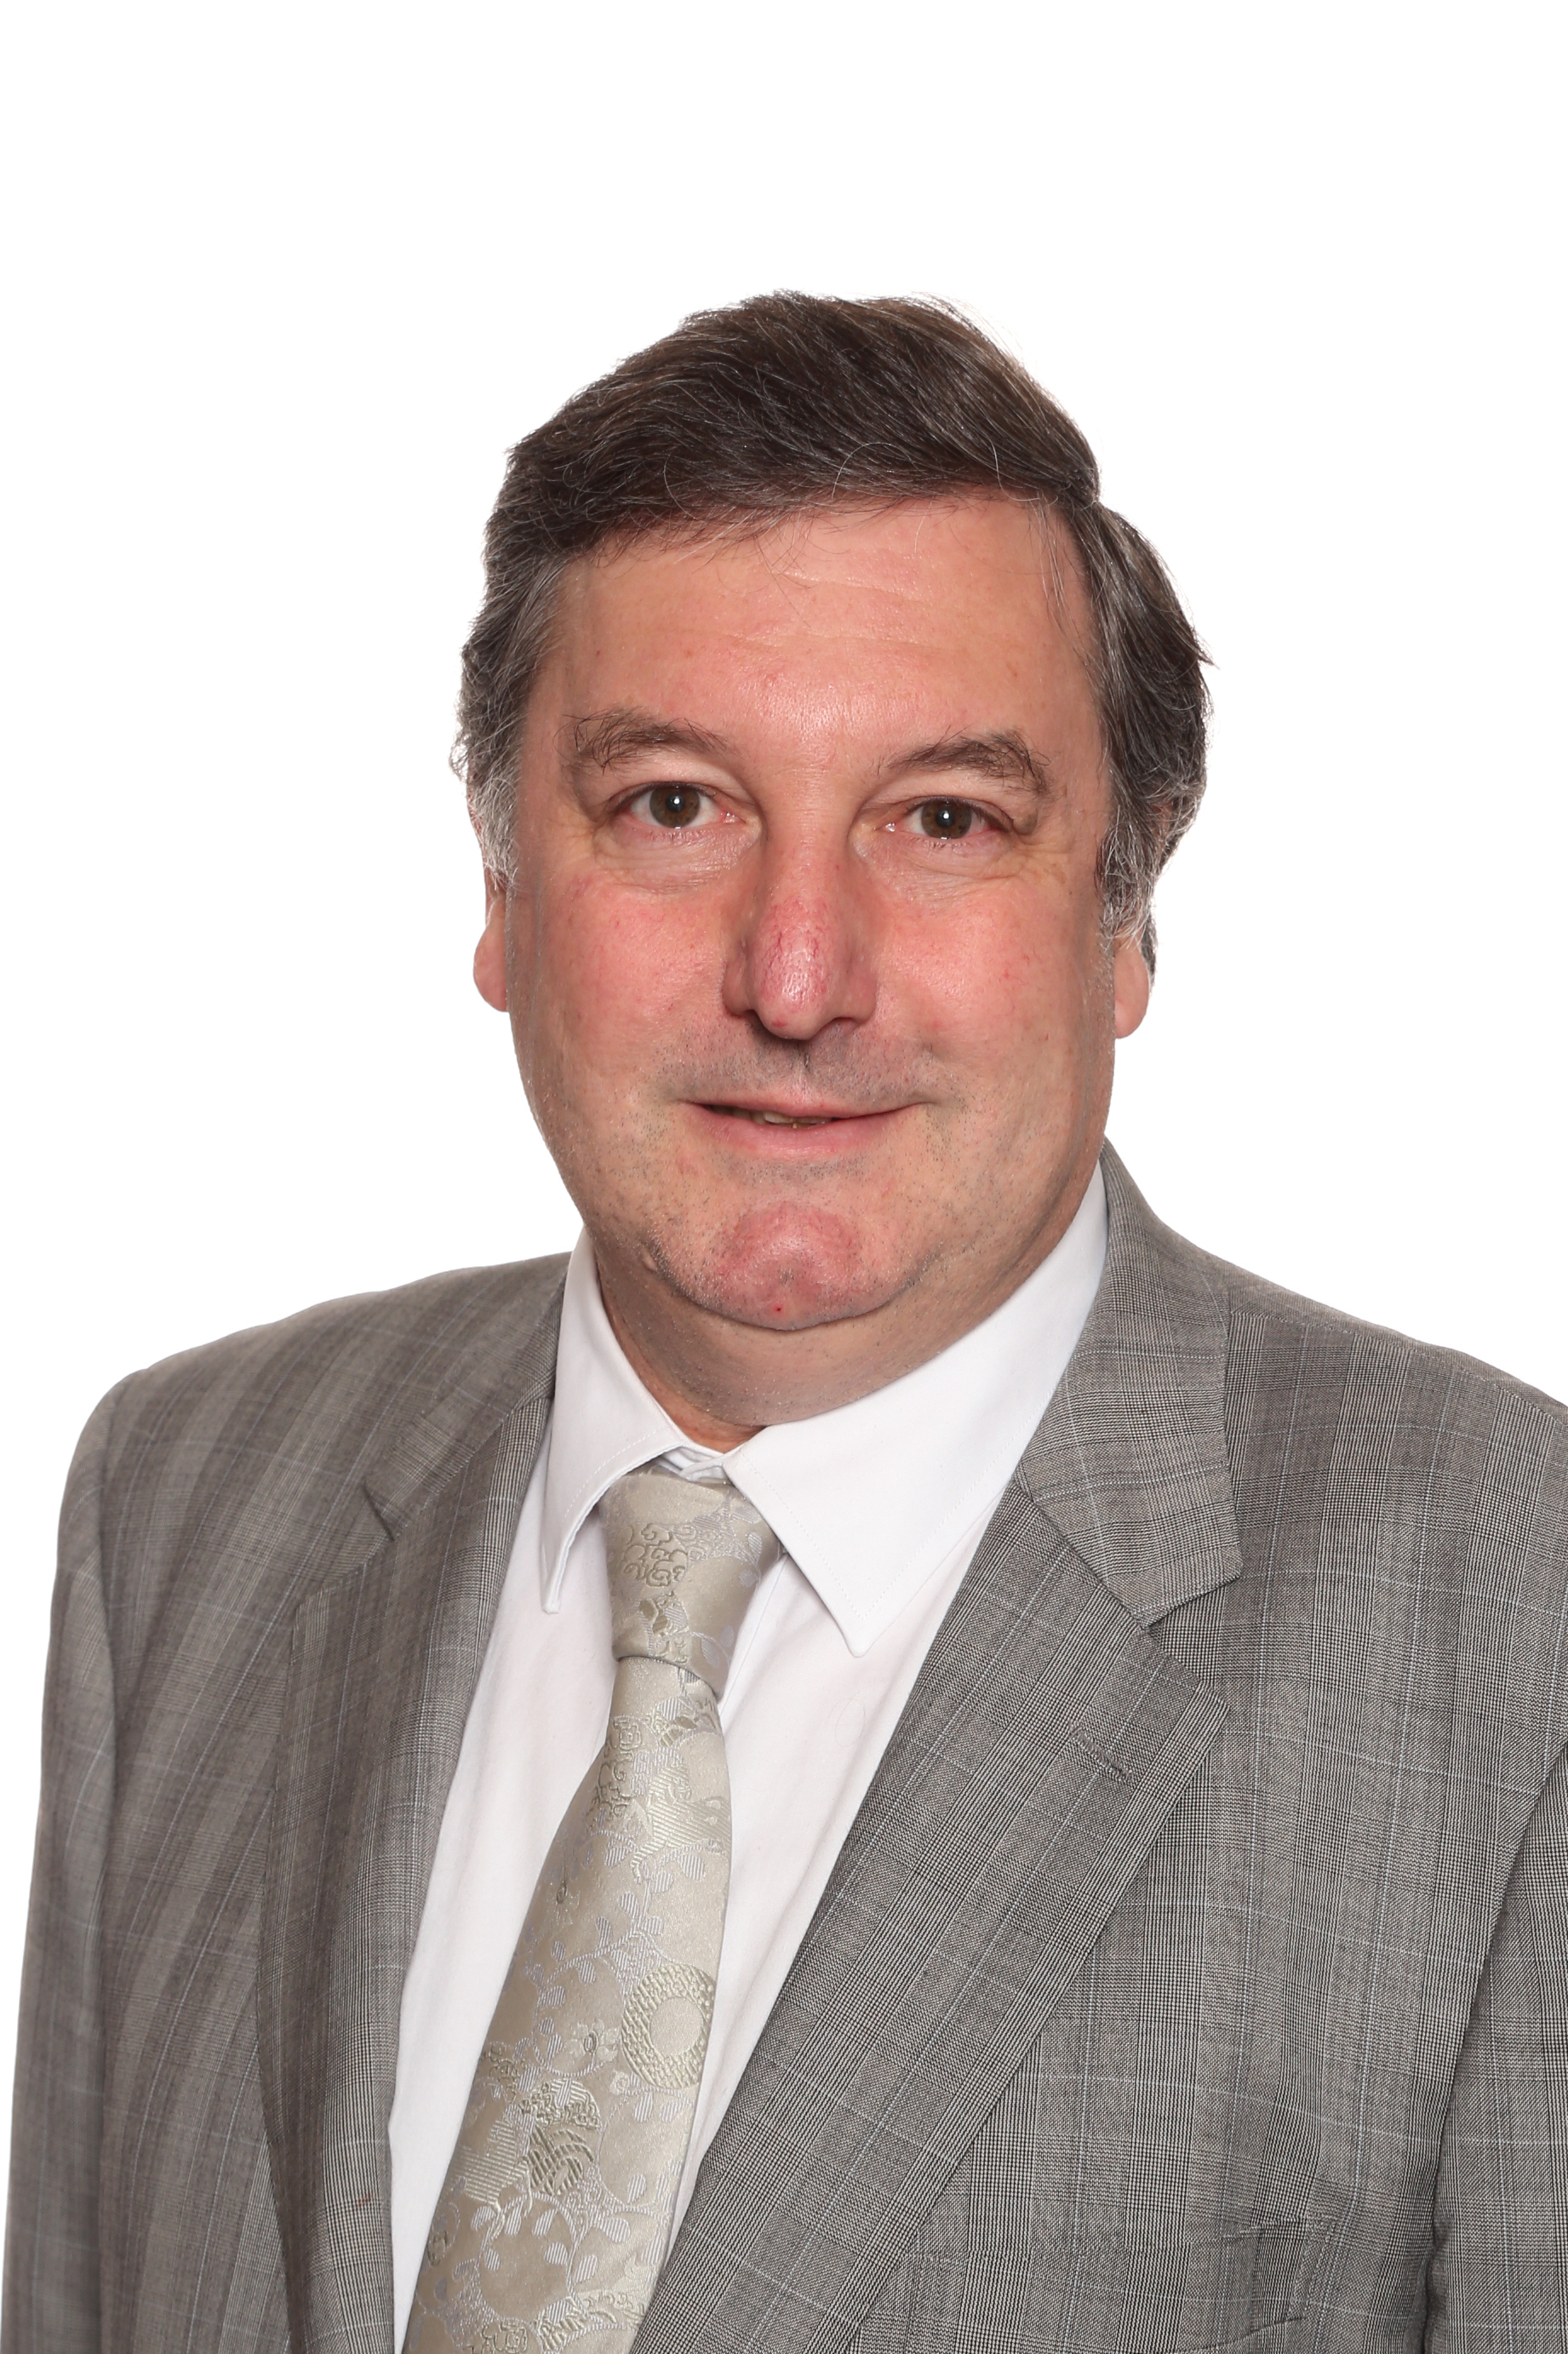 Michael  Gronow, B.A.(Hons), LL.B(Hons), LL.M (Melb), FCIArb, Dip ICArb (CIArb).